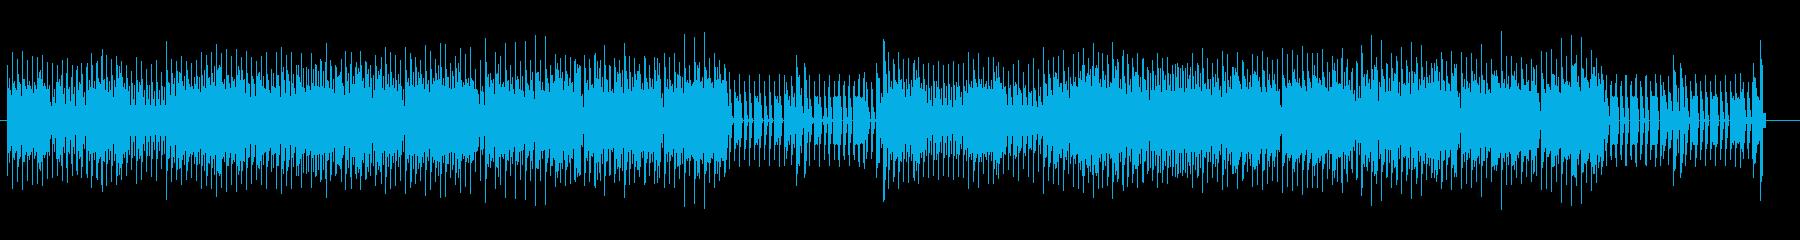 ロックマン風のアクションゲームの再生済みの波形